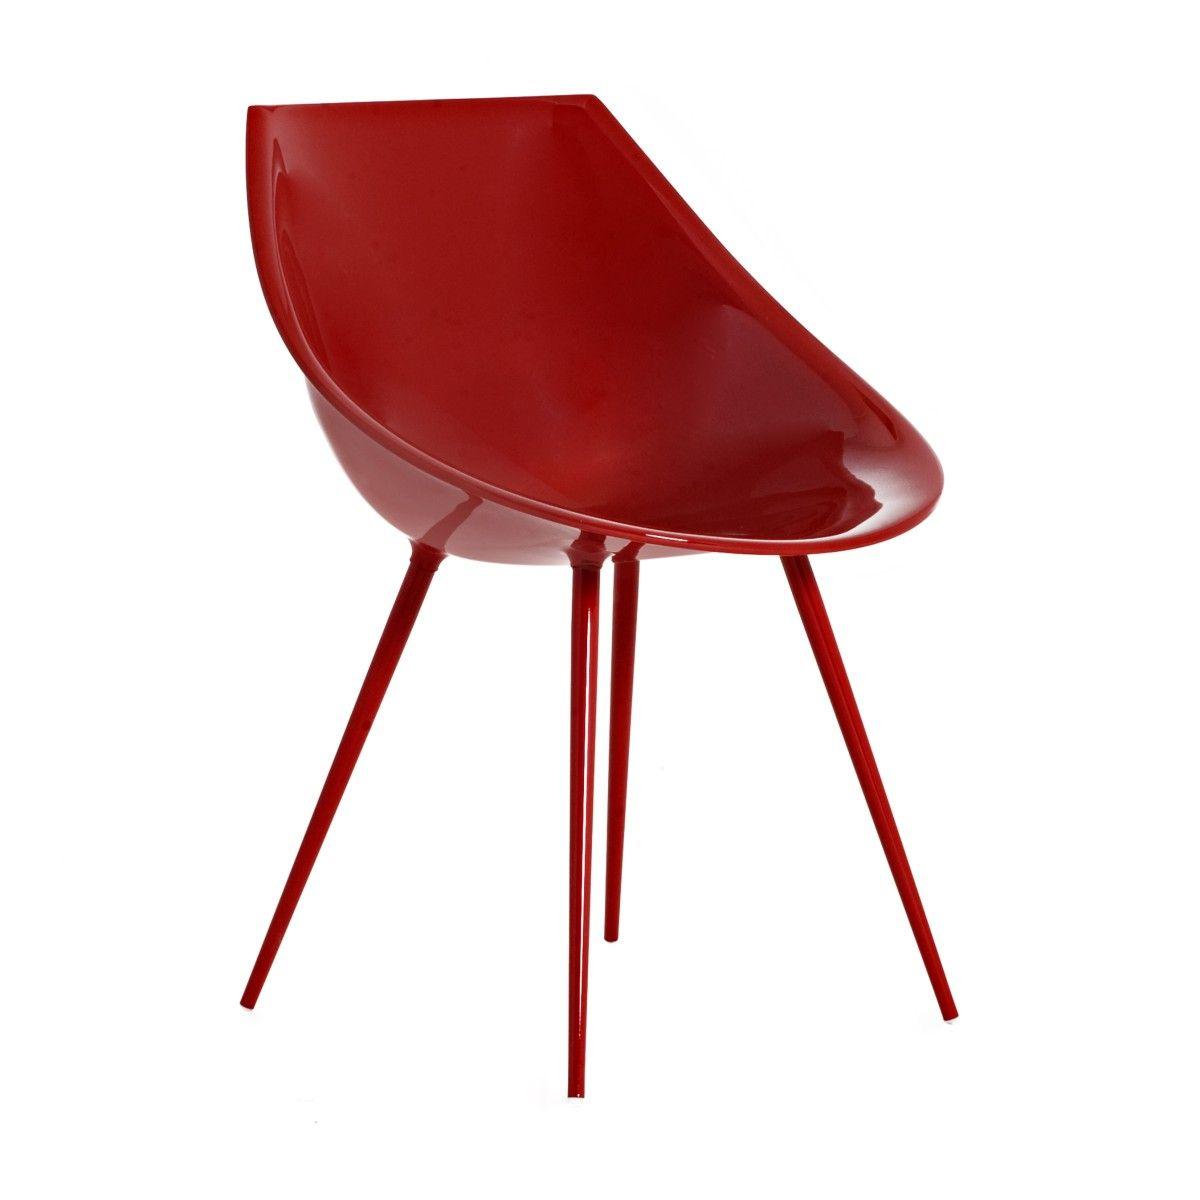 Sedia Lagò col. rosso design di Philippe Starck | DRIADE | Sedie ...